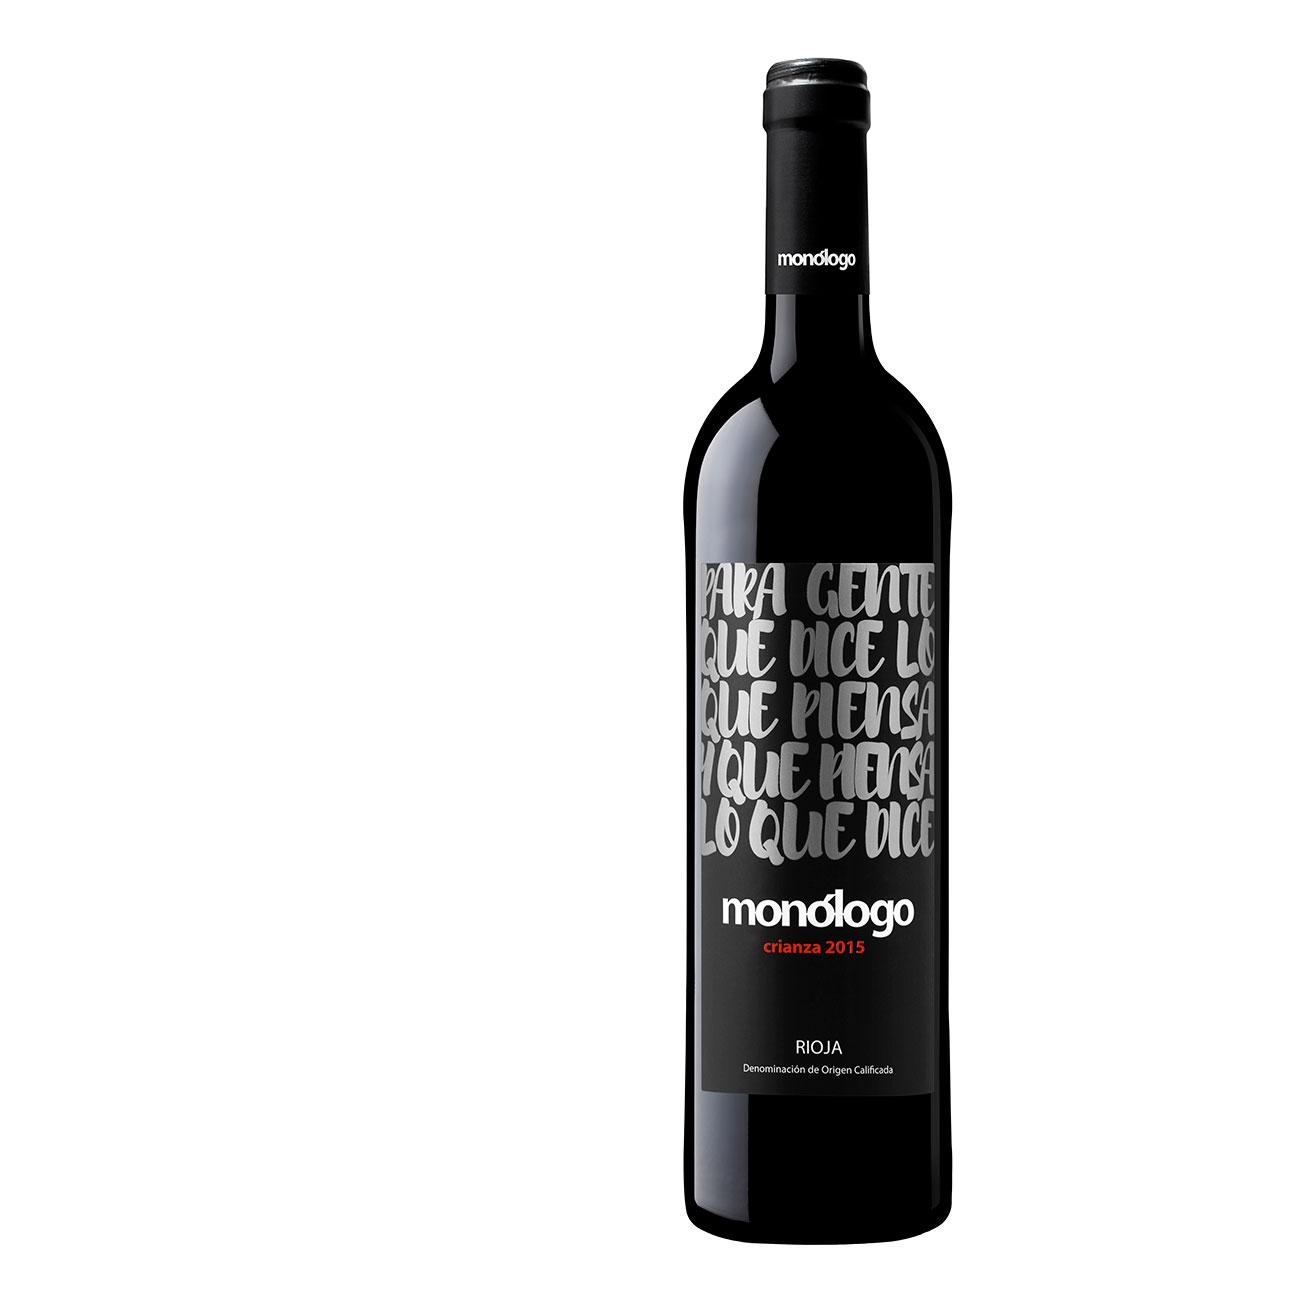 MONOLOGO-Rioja-sense-anyada-1300x1300-1-1300x1300